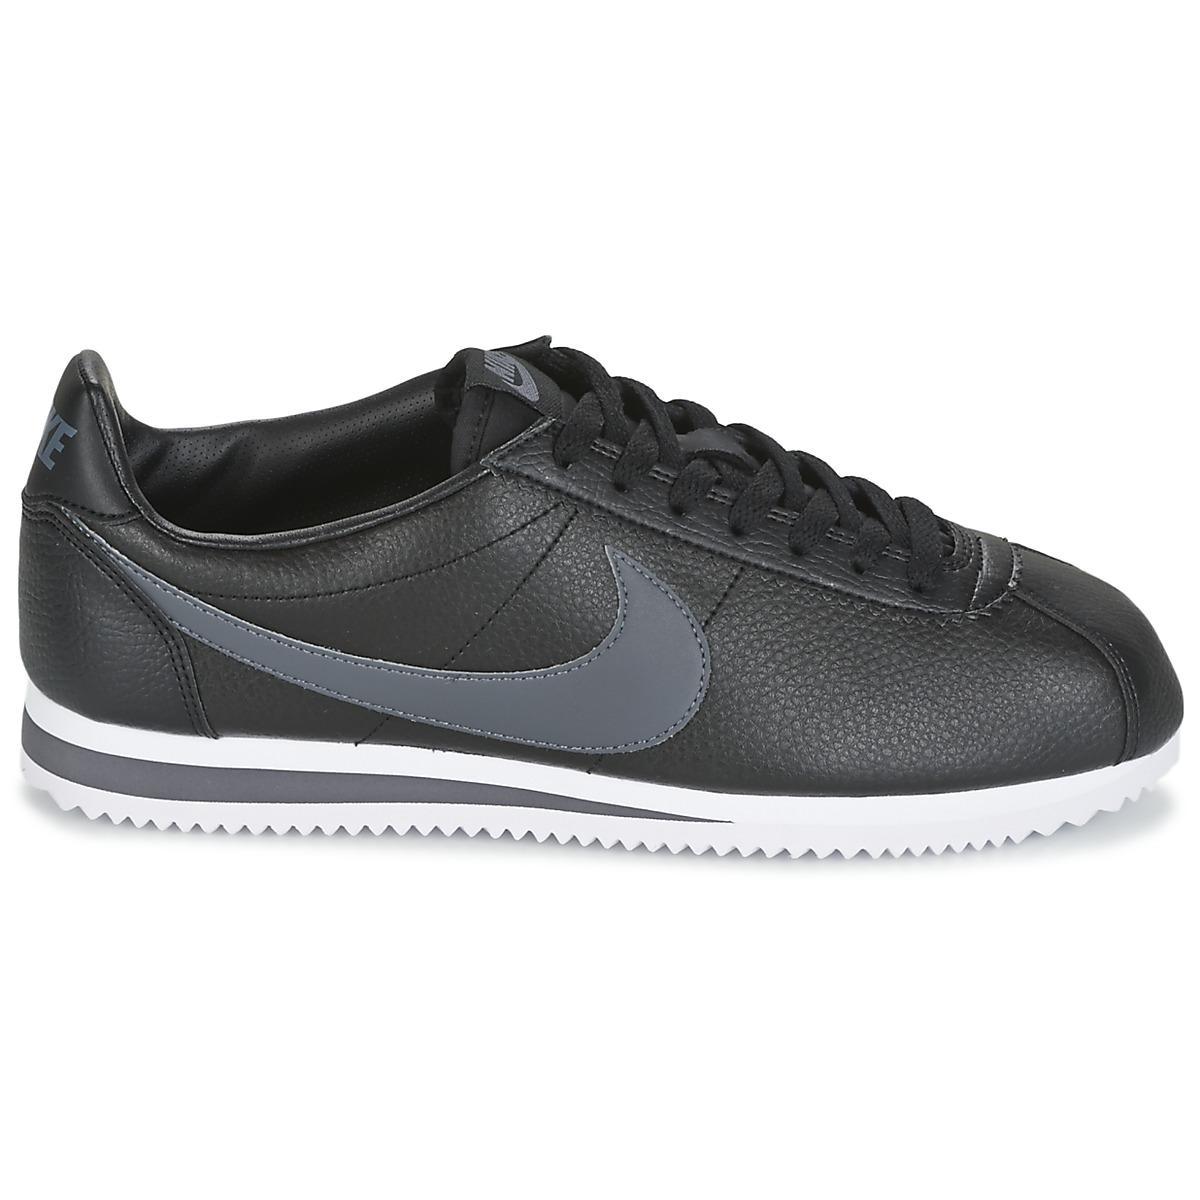 Nike Lage Sneakers Classic Cortez Leather in het Zwart voor heren